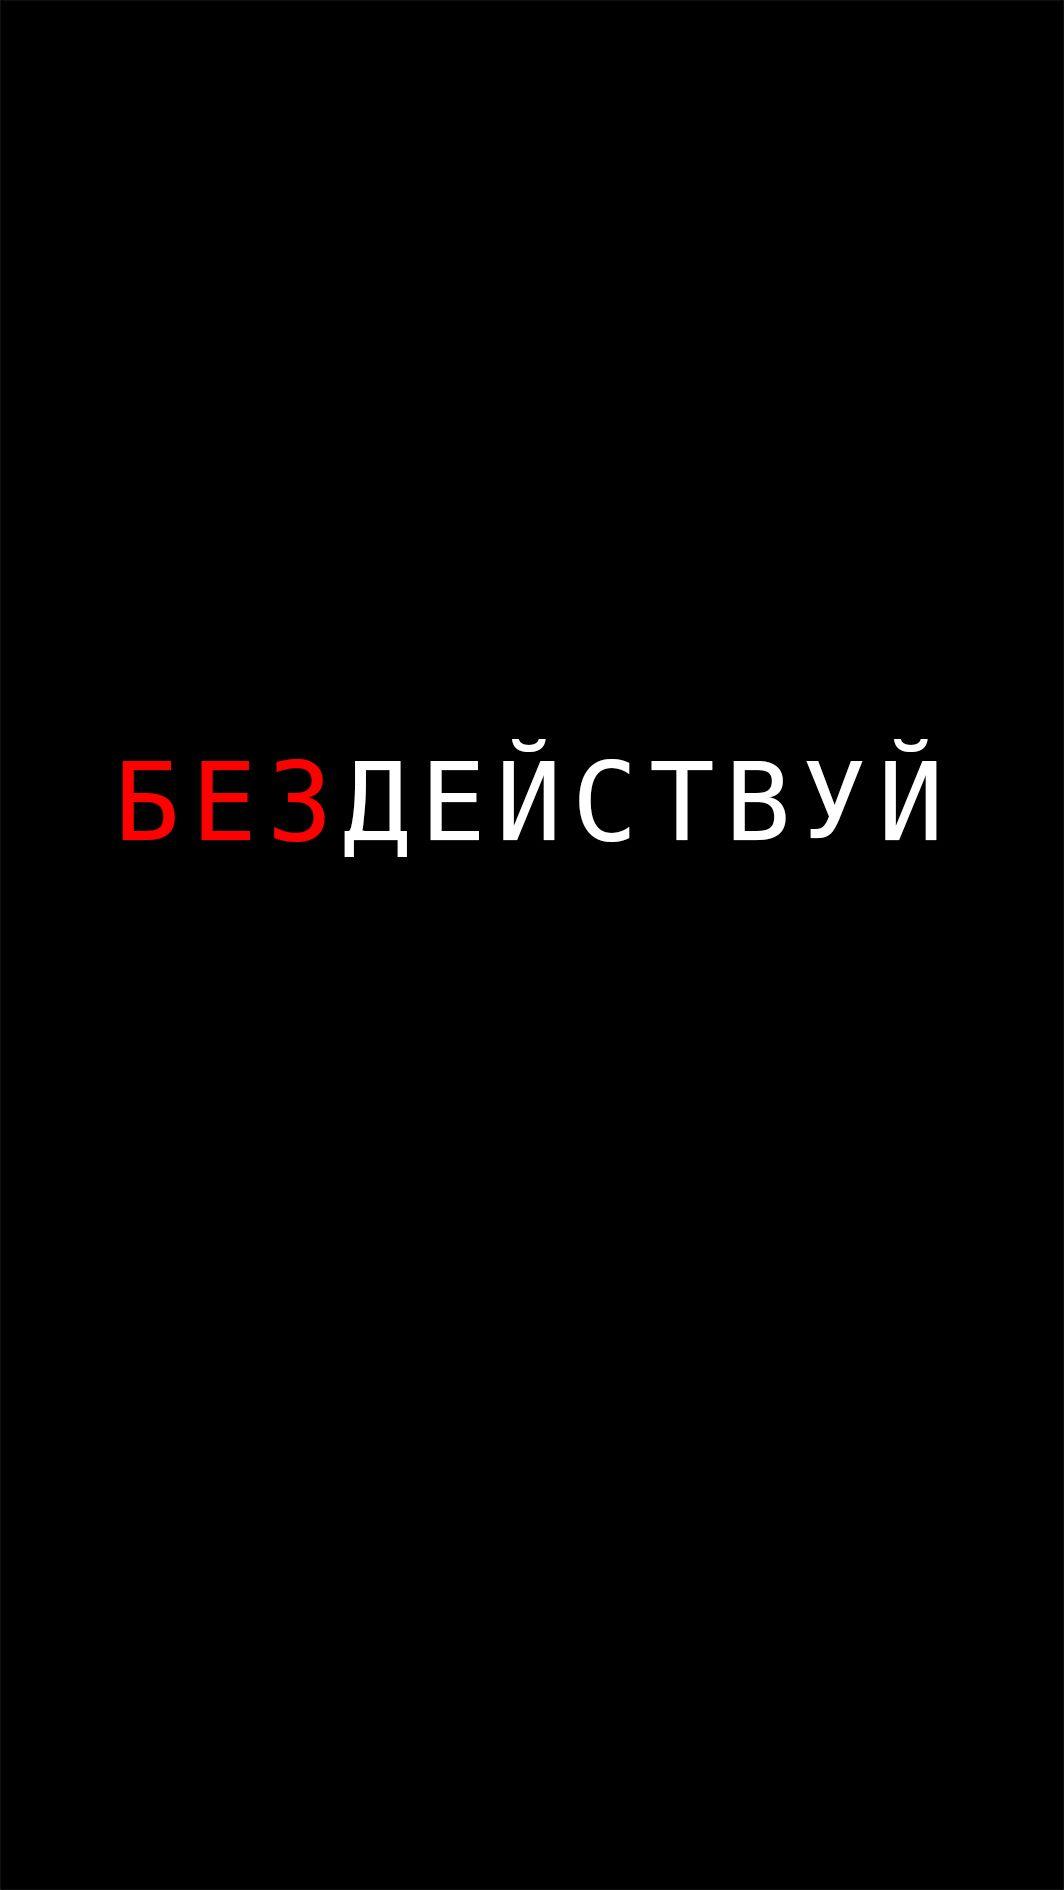 Oboi Dlya Telefona Minimalizm Motivaciya Karta Oboi Novye